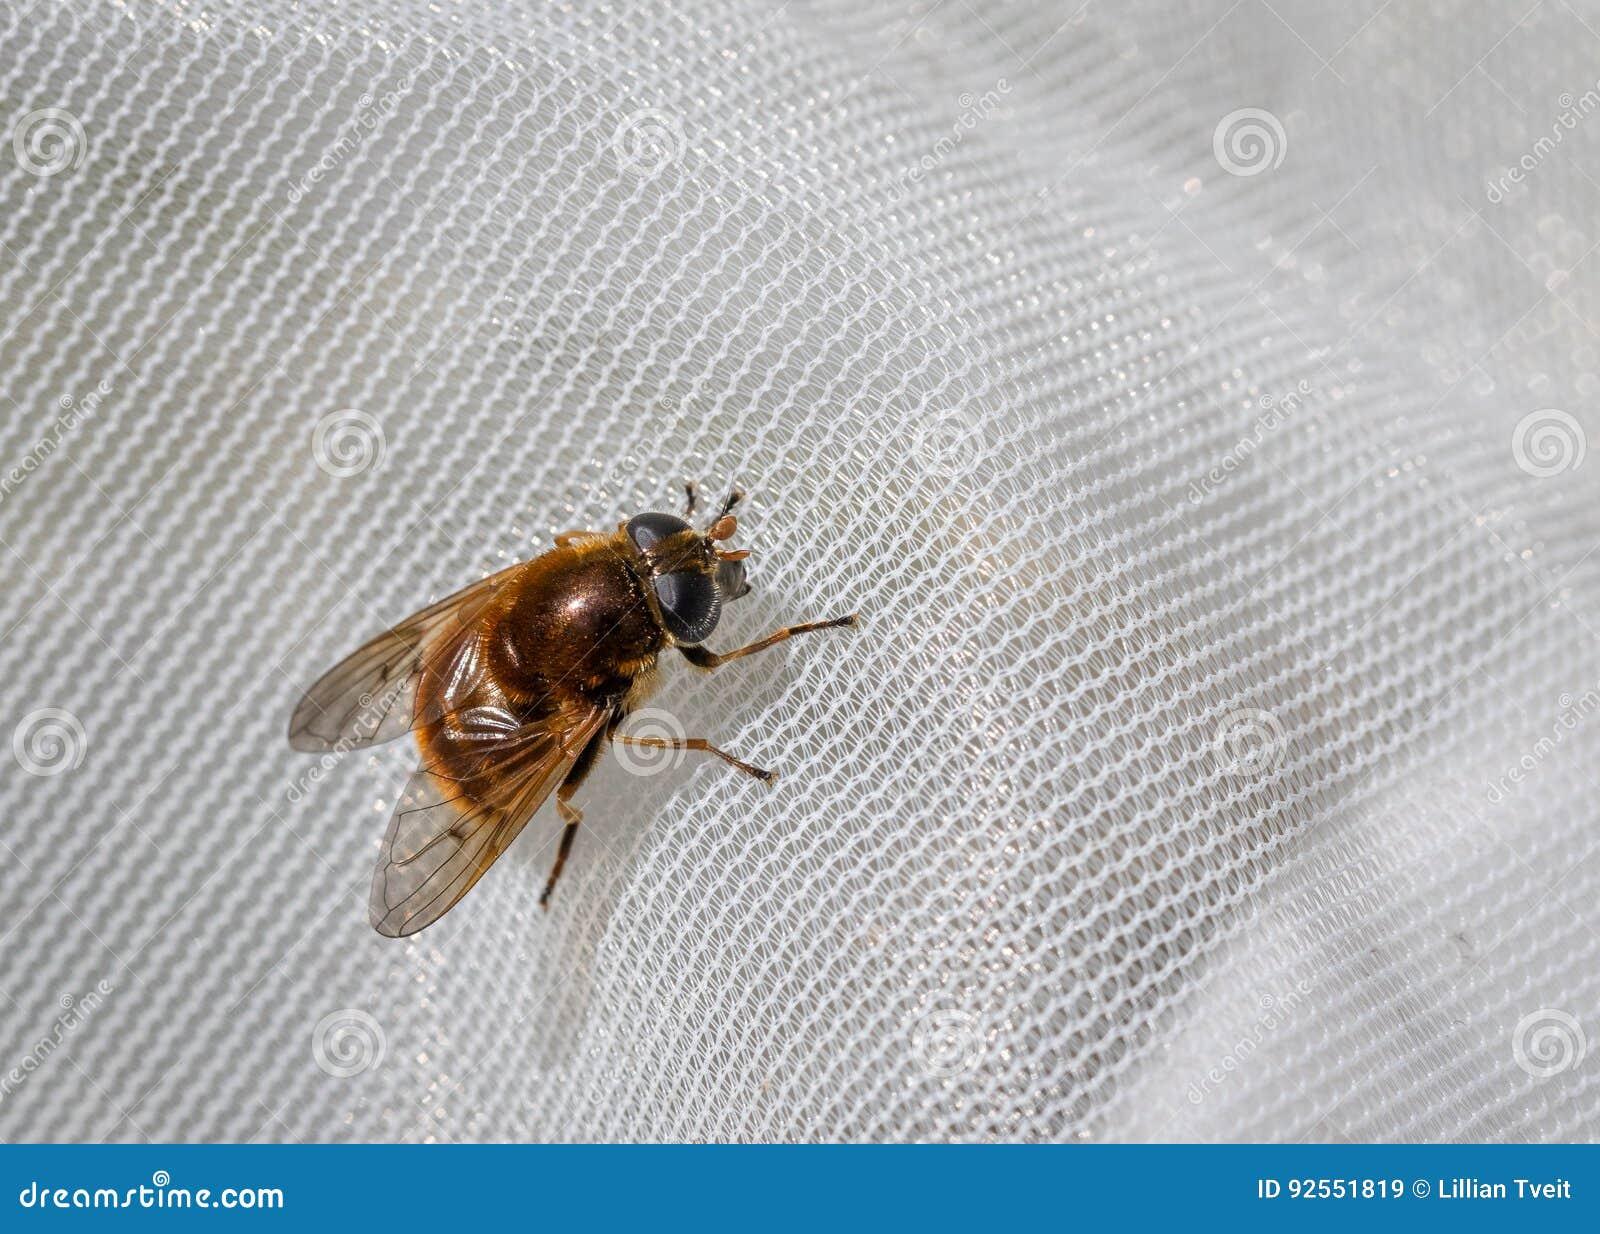 Hoverfly, chrysocoma di Cheilosia, femmina ha preso in una rete per scienza